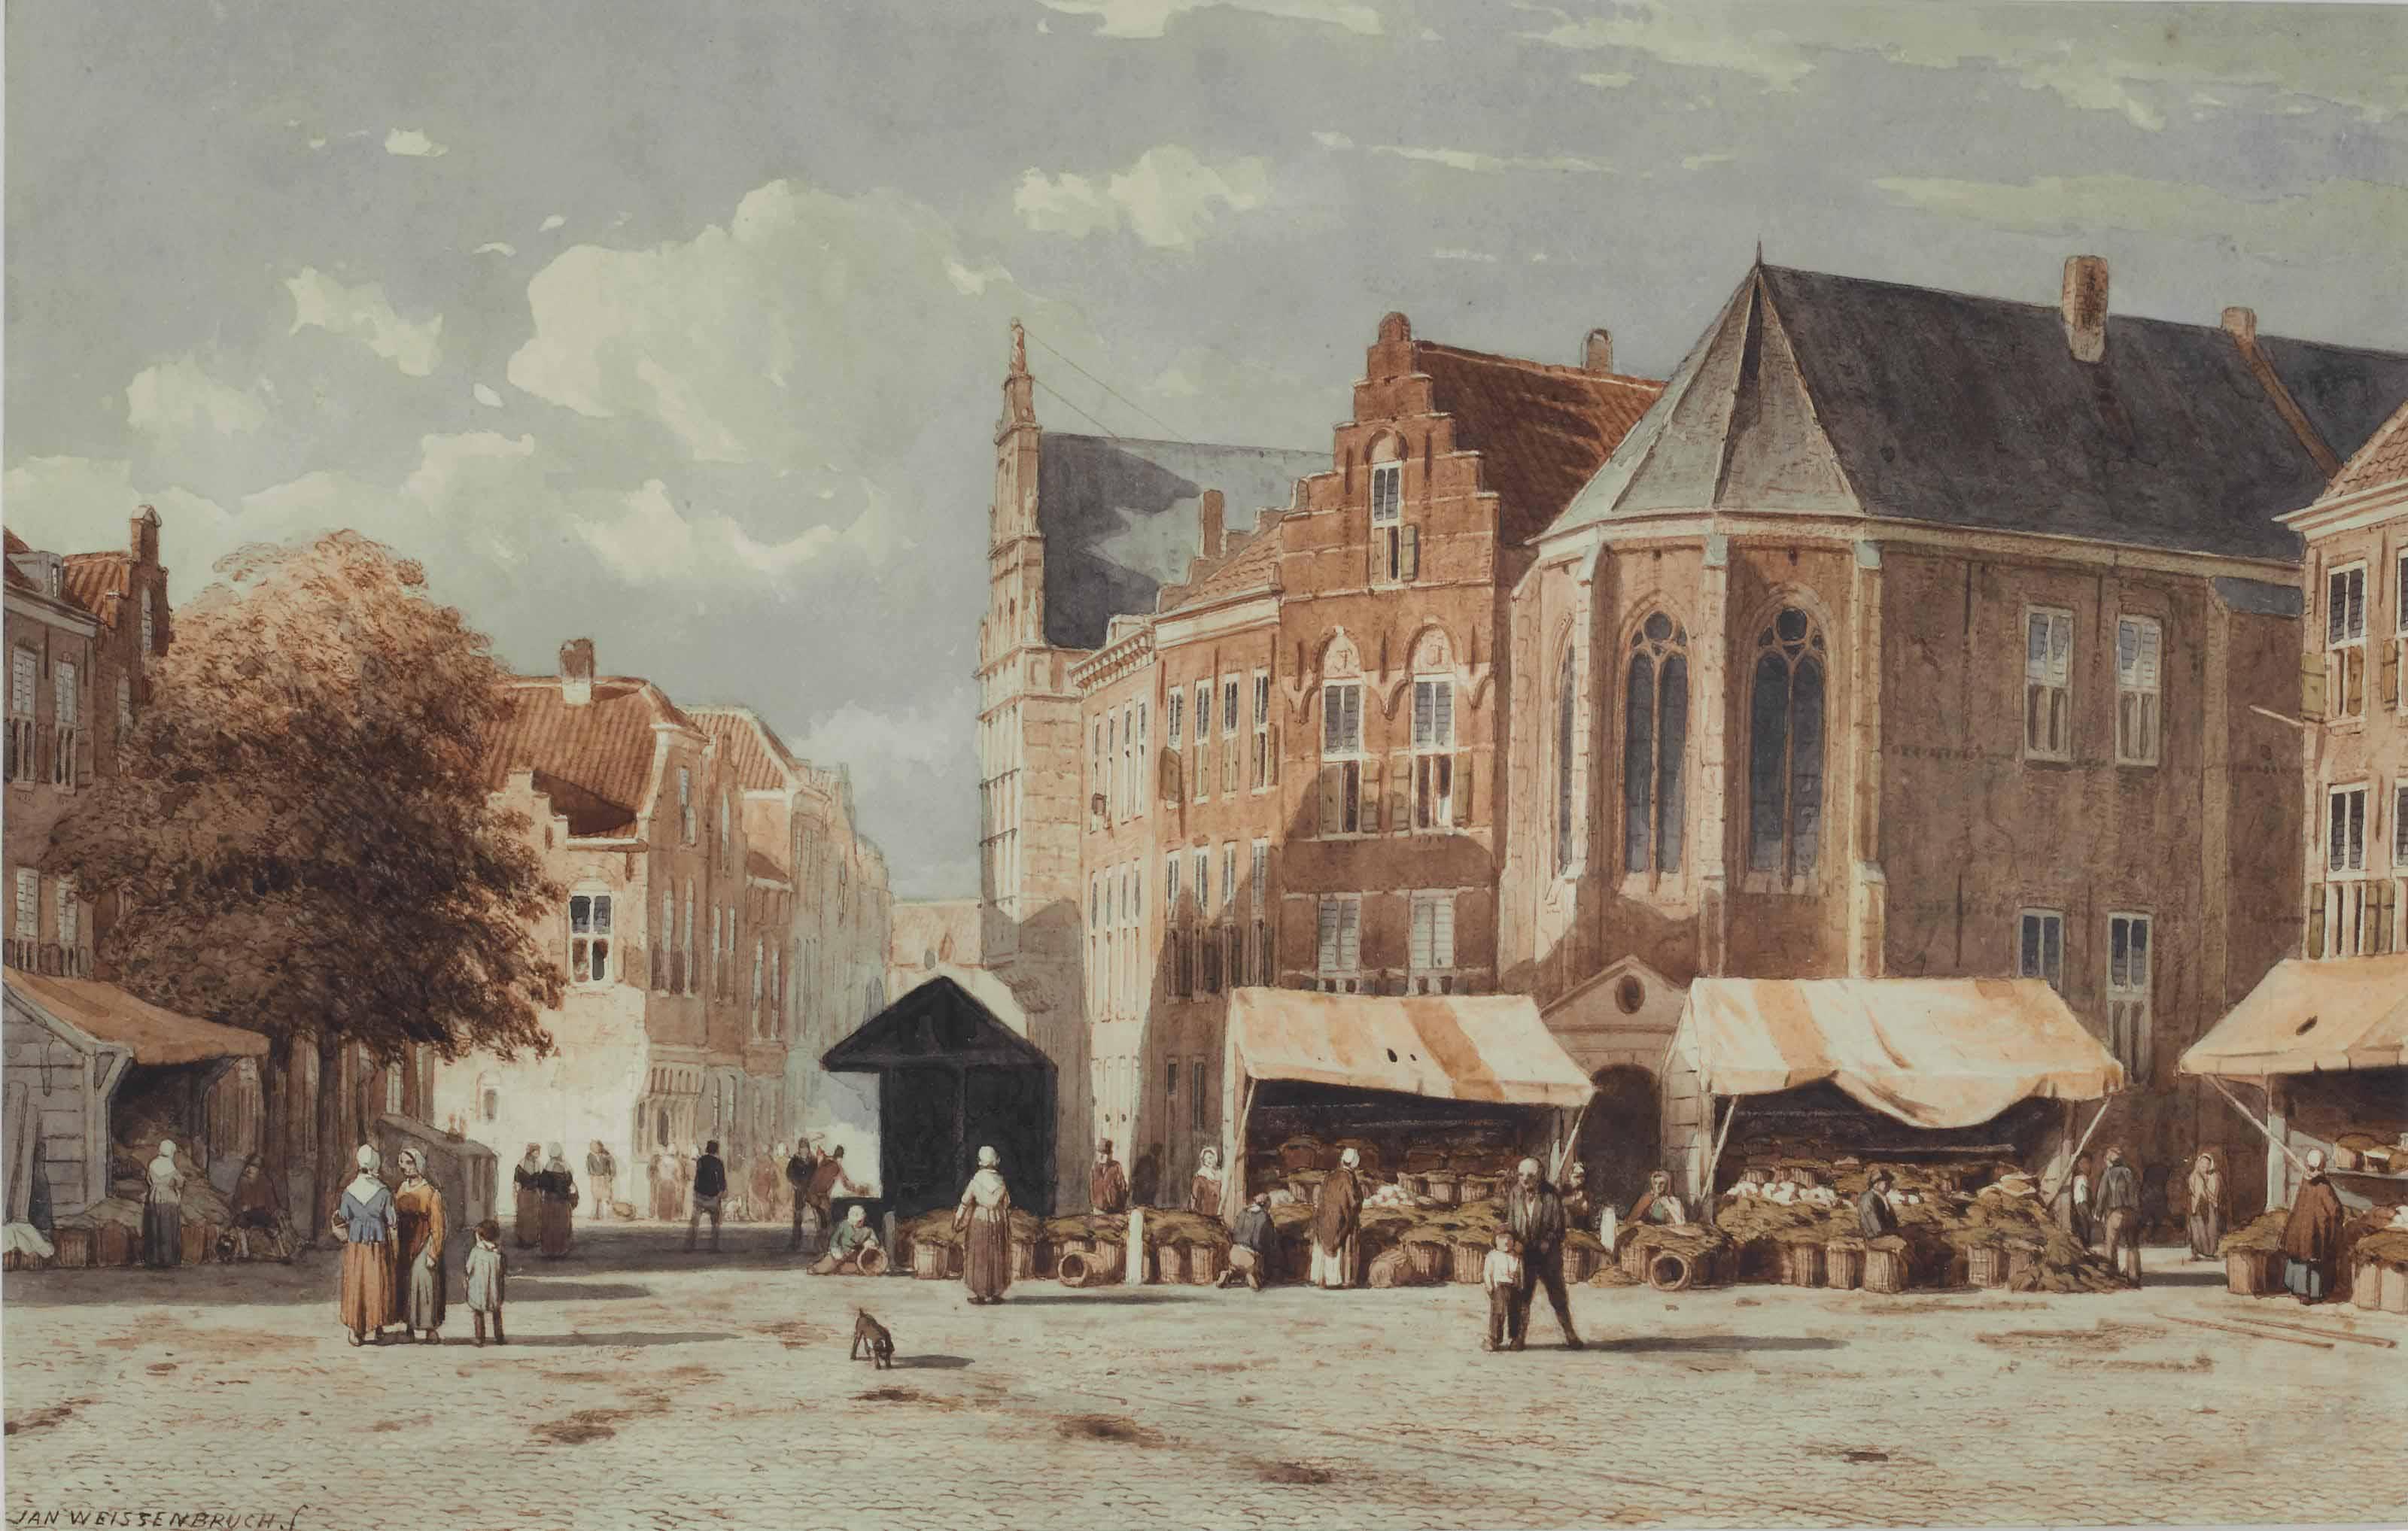 The Groenmarkt, The Hague